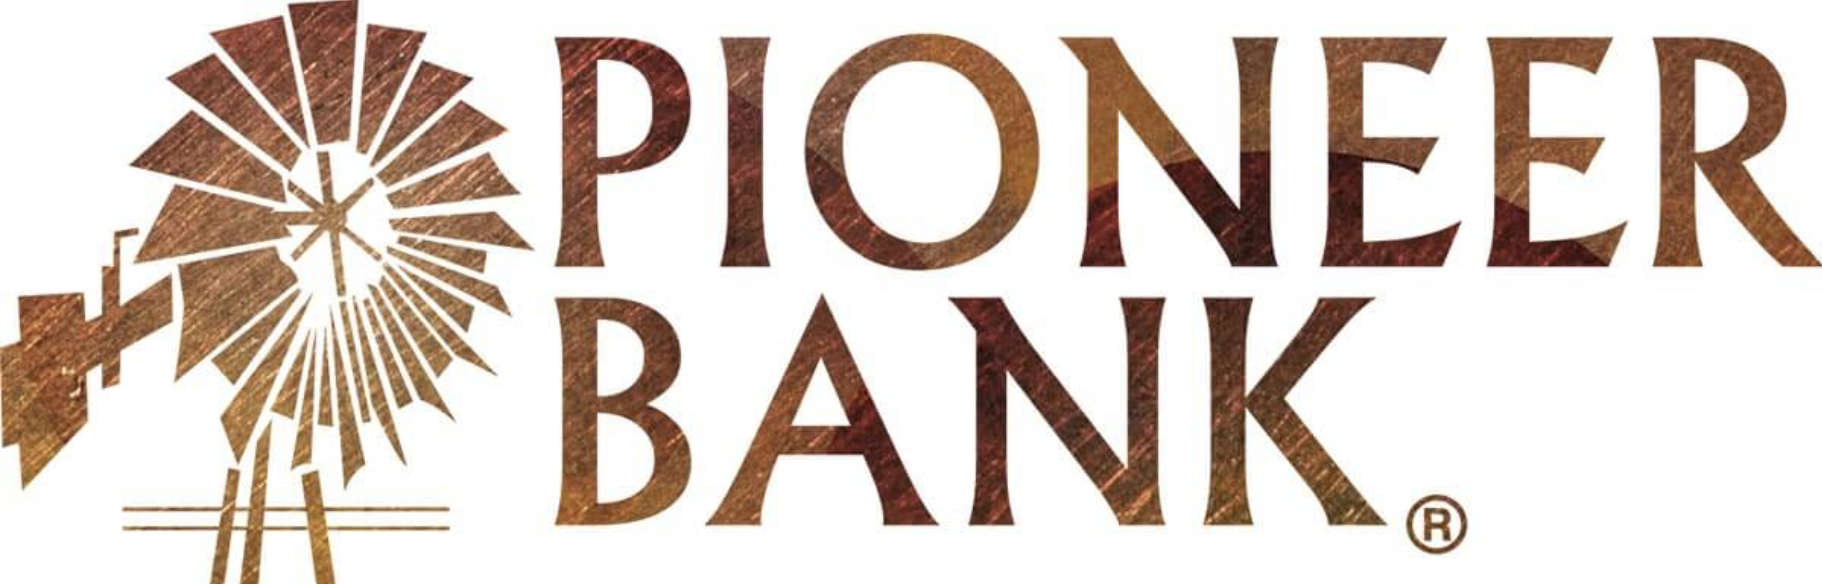 Pioneer Bank logo.png